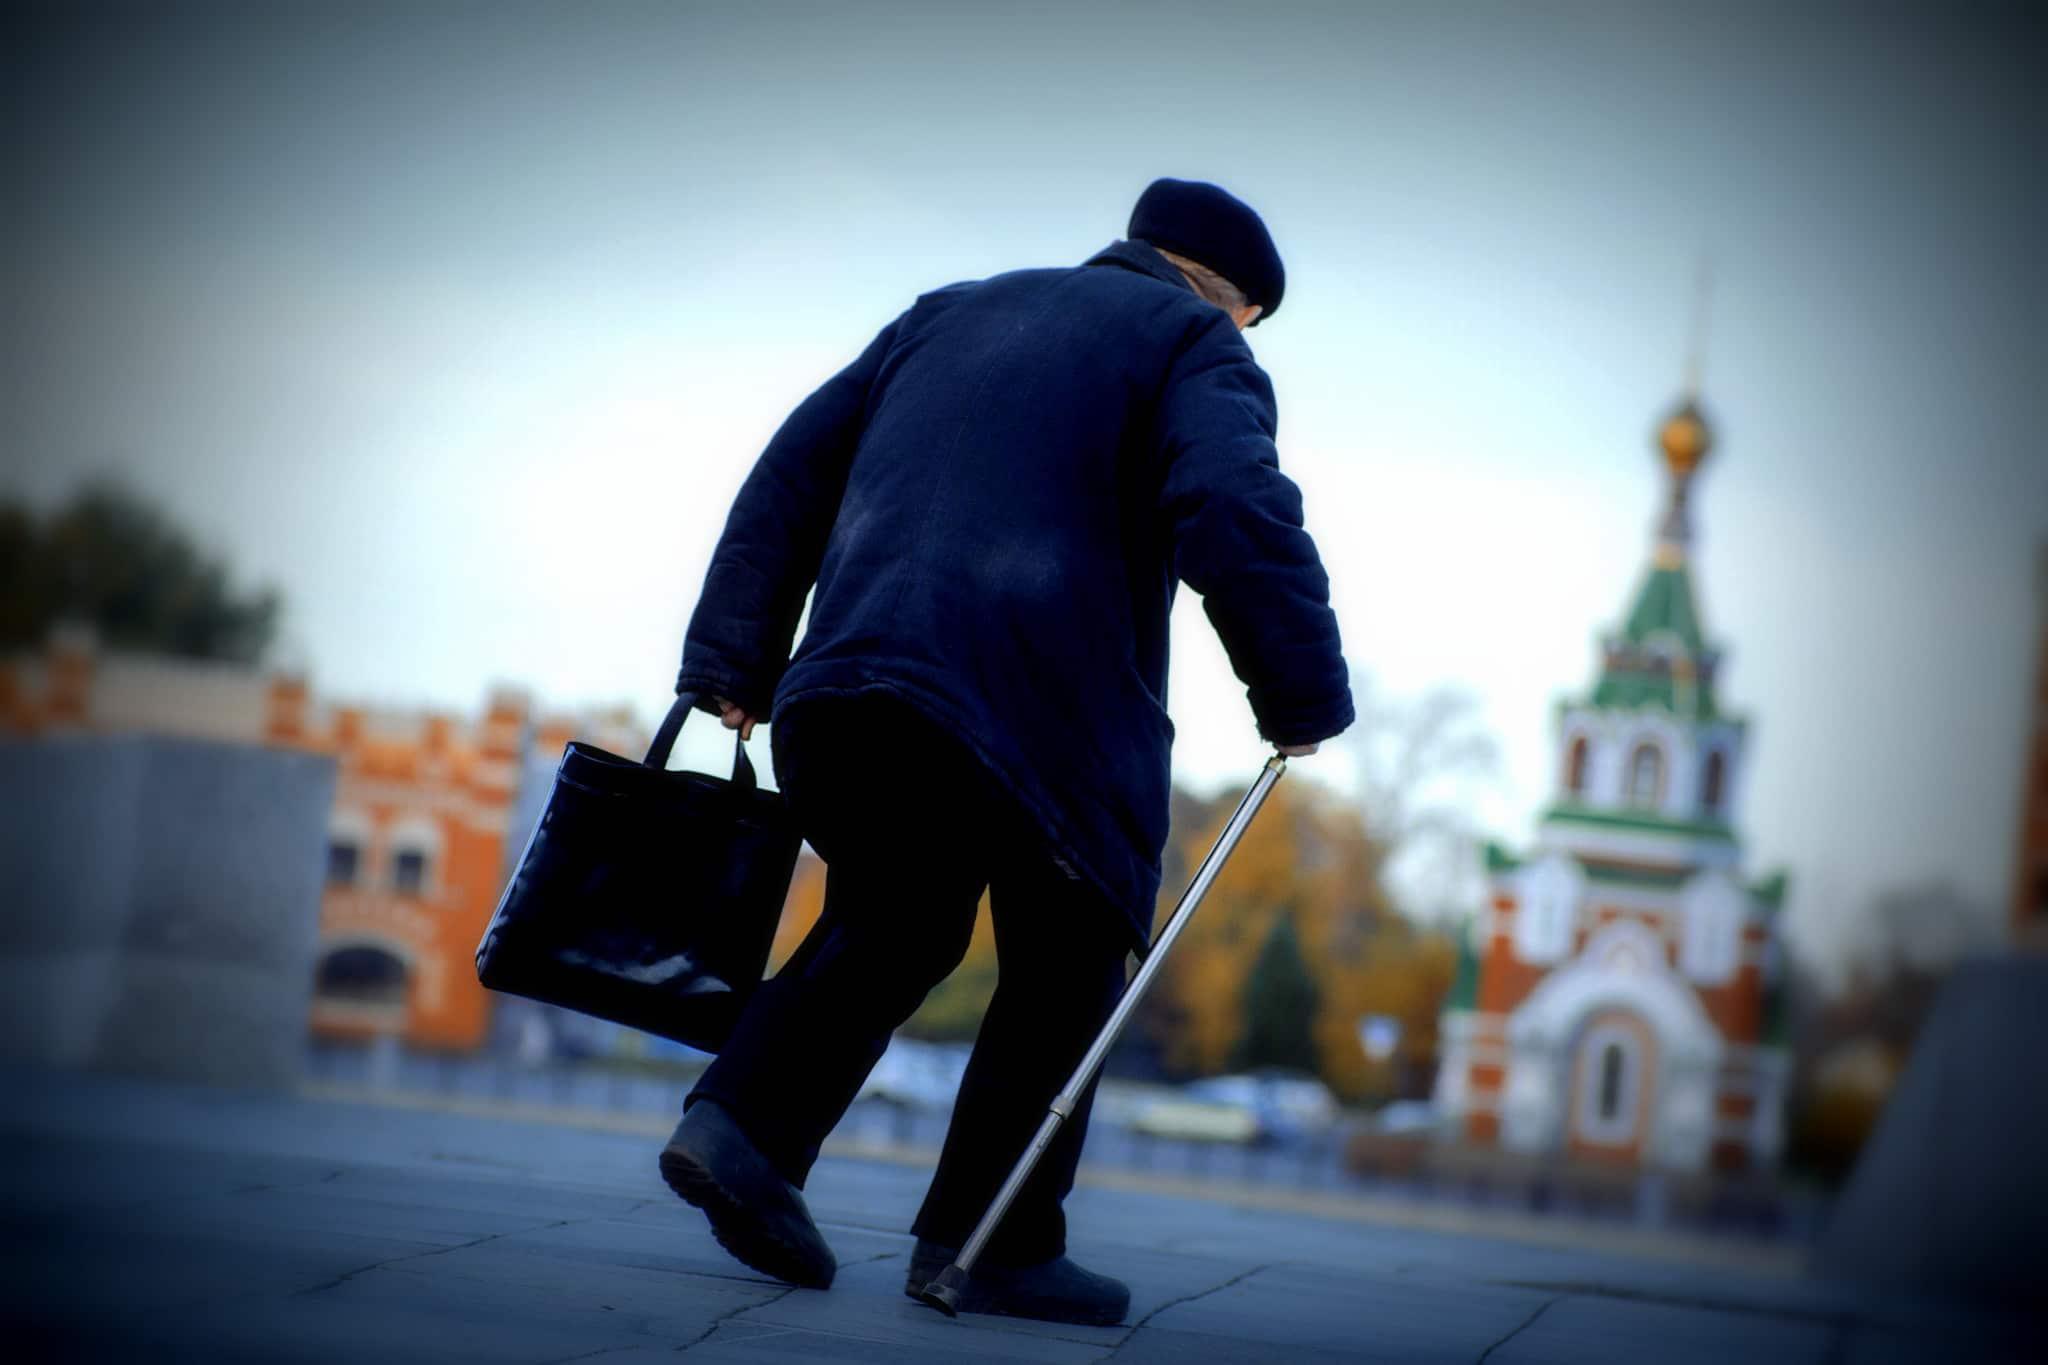 Пенсионер-ИП может получить прибавку к пенсии, если станет самозанятым